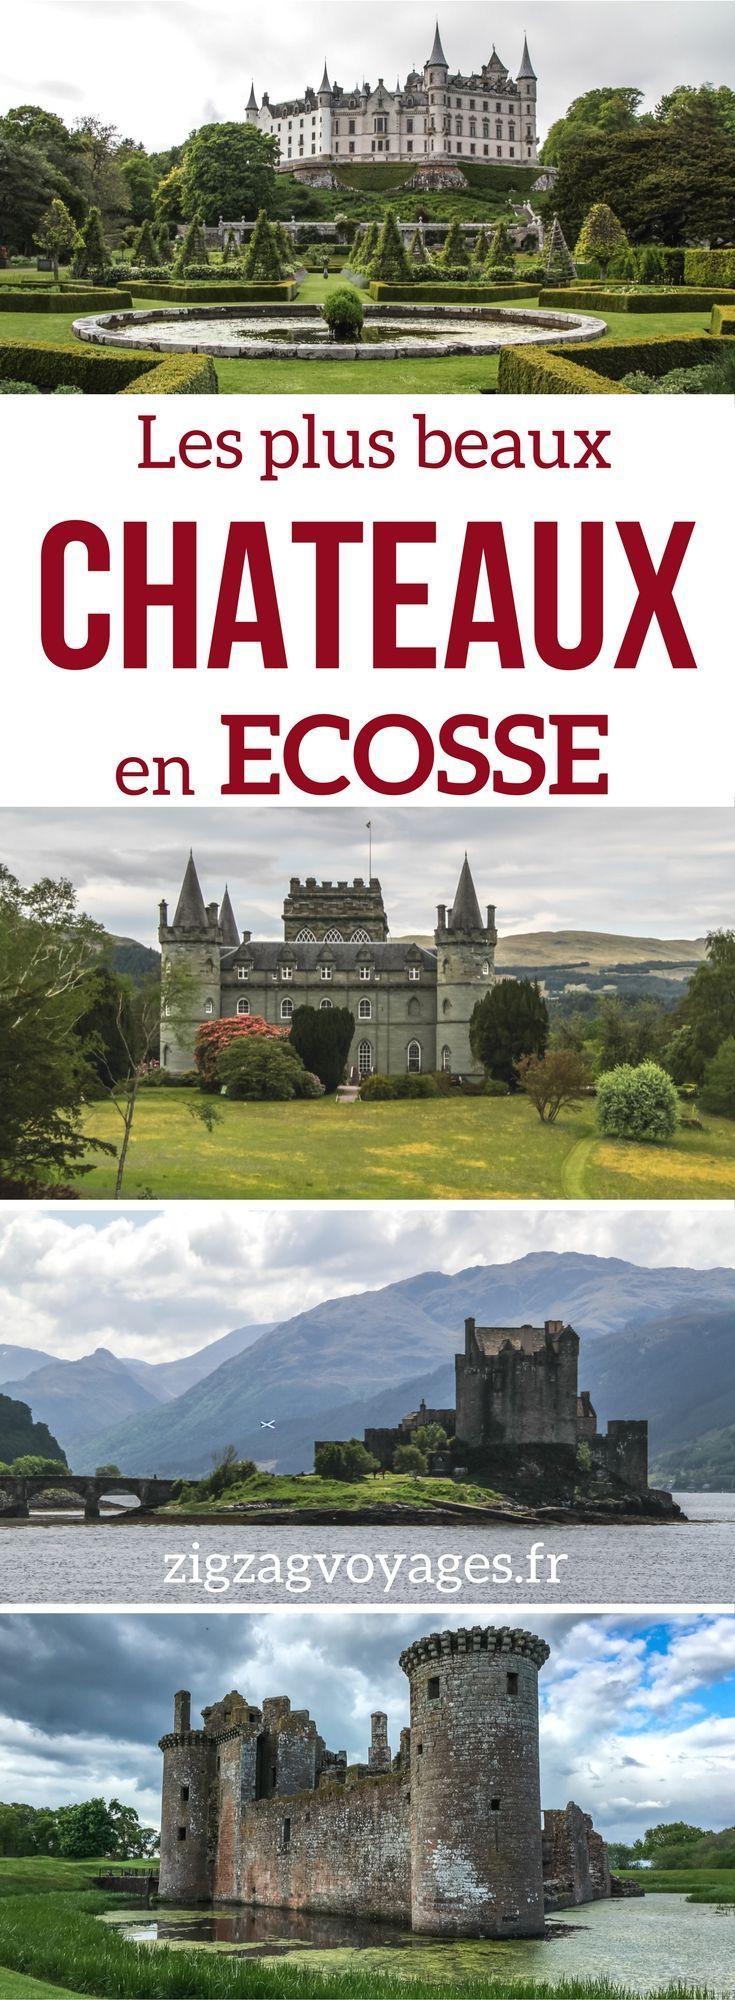 Découvrez les plus beaux châteaux en Ecosse – les châteaux contes de fées, les plus impressionnants, les plus étranges, les plus beaux parcs… il n'y a plus qu'à choisir pour établir votre itinéraire !   Voyage Ecosse   Ecosse Paysage